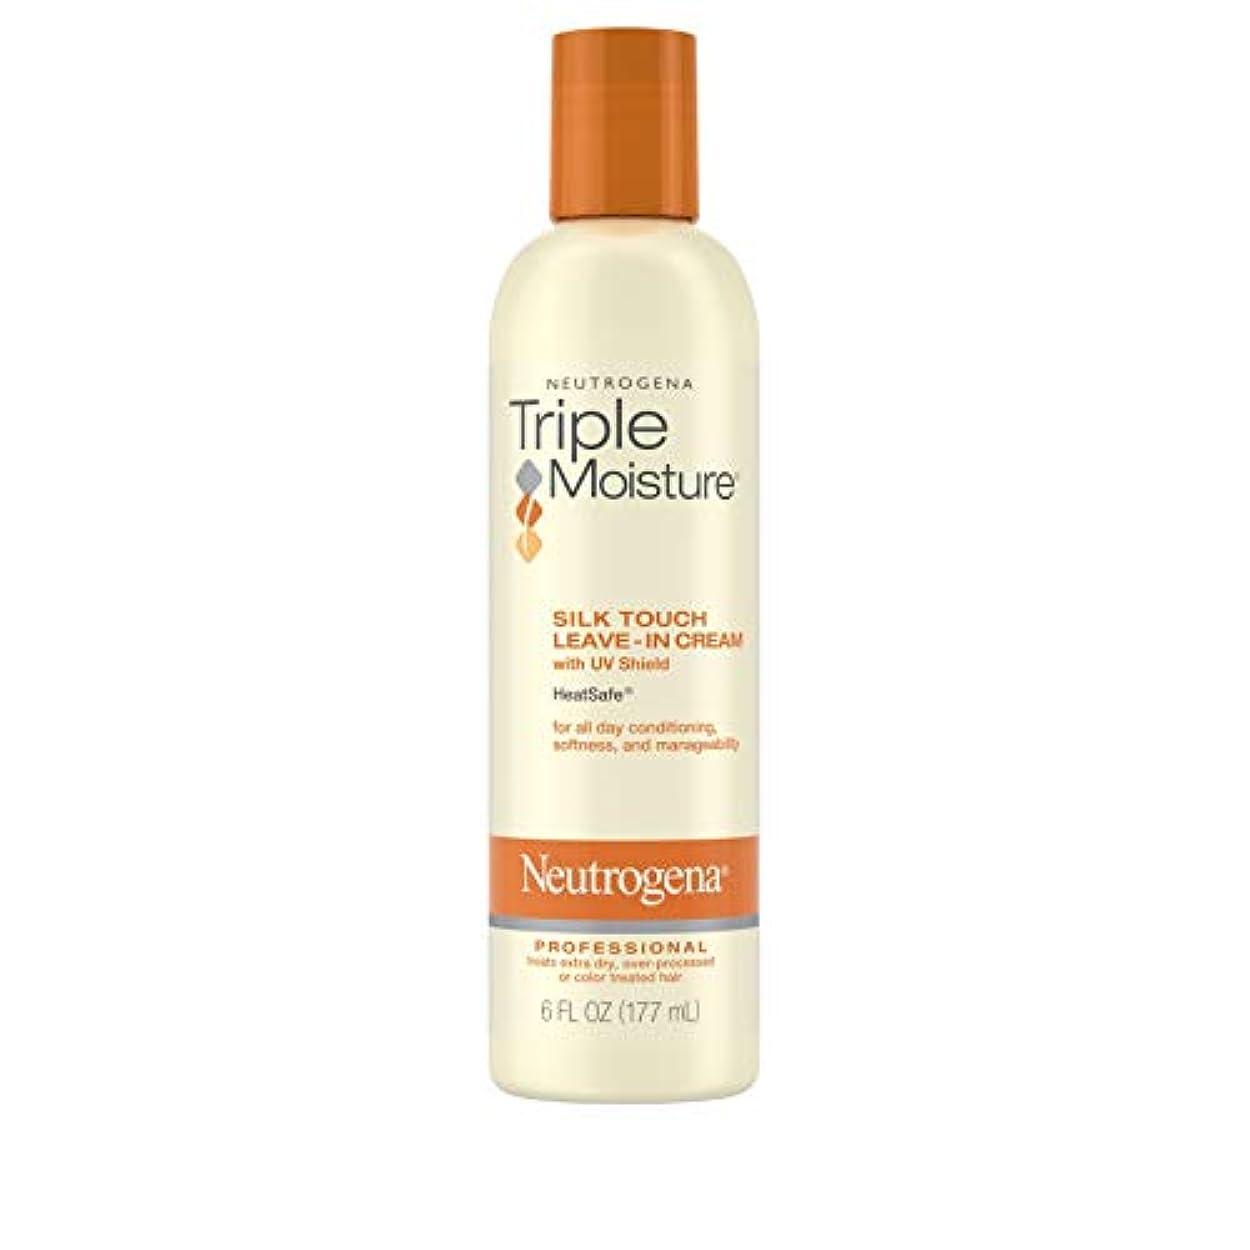 無駄な名詞タンザニアNeutrogena Triple Moisture Silk Touch Leave-In Cream 175 ml (並行輸入品)